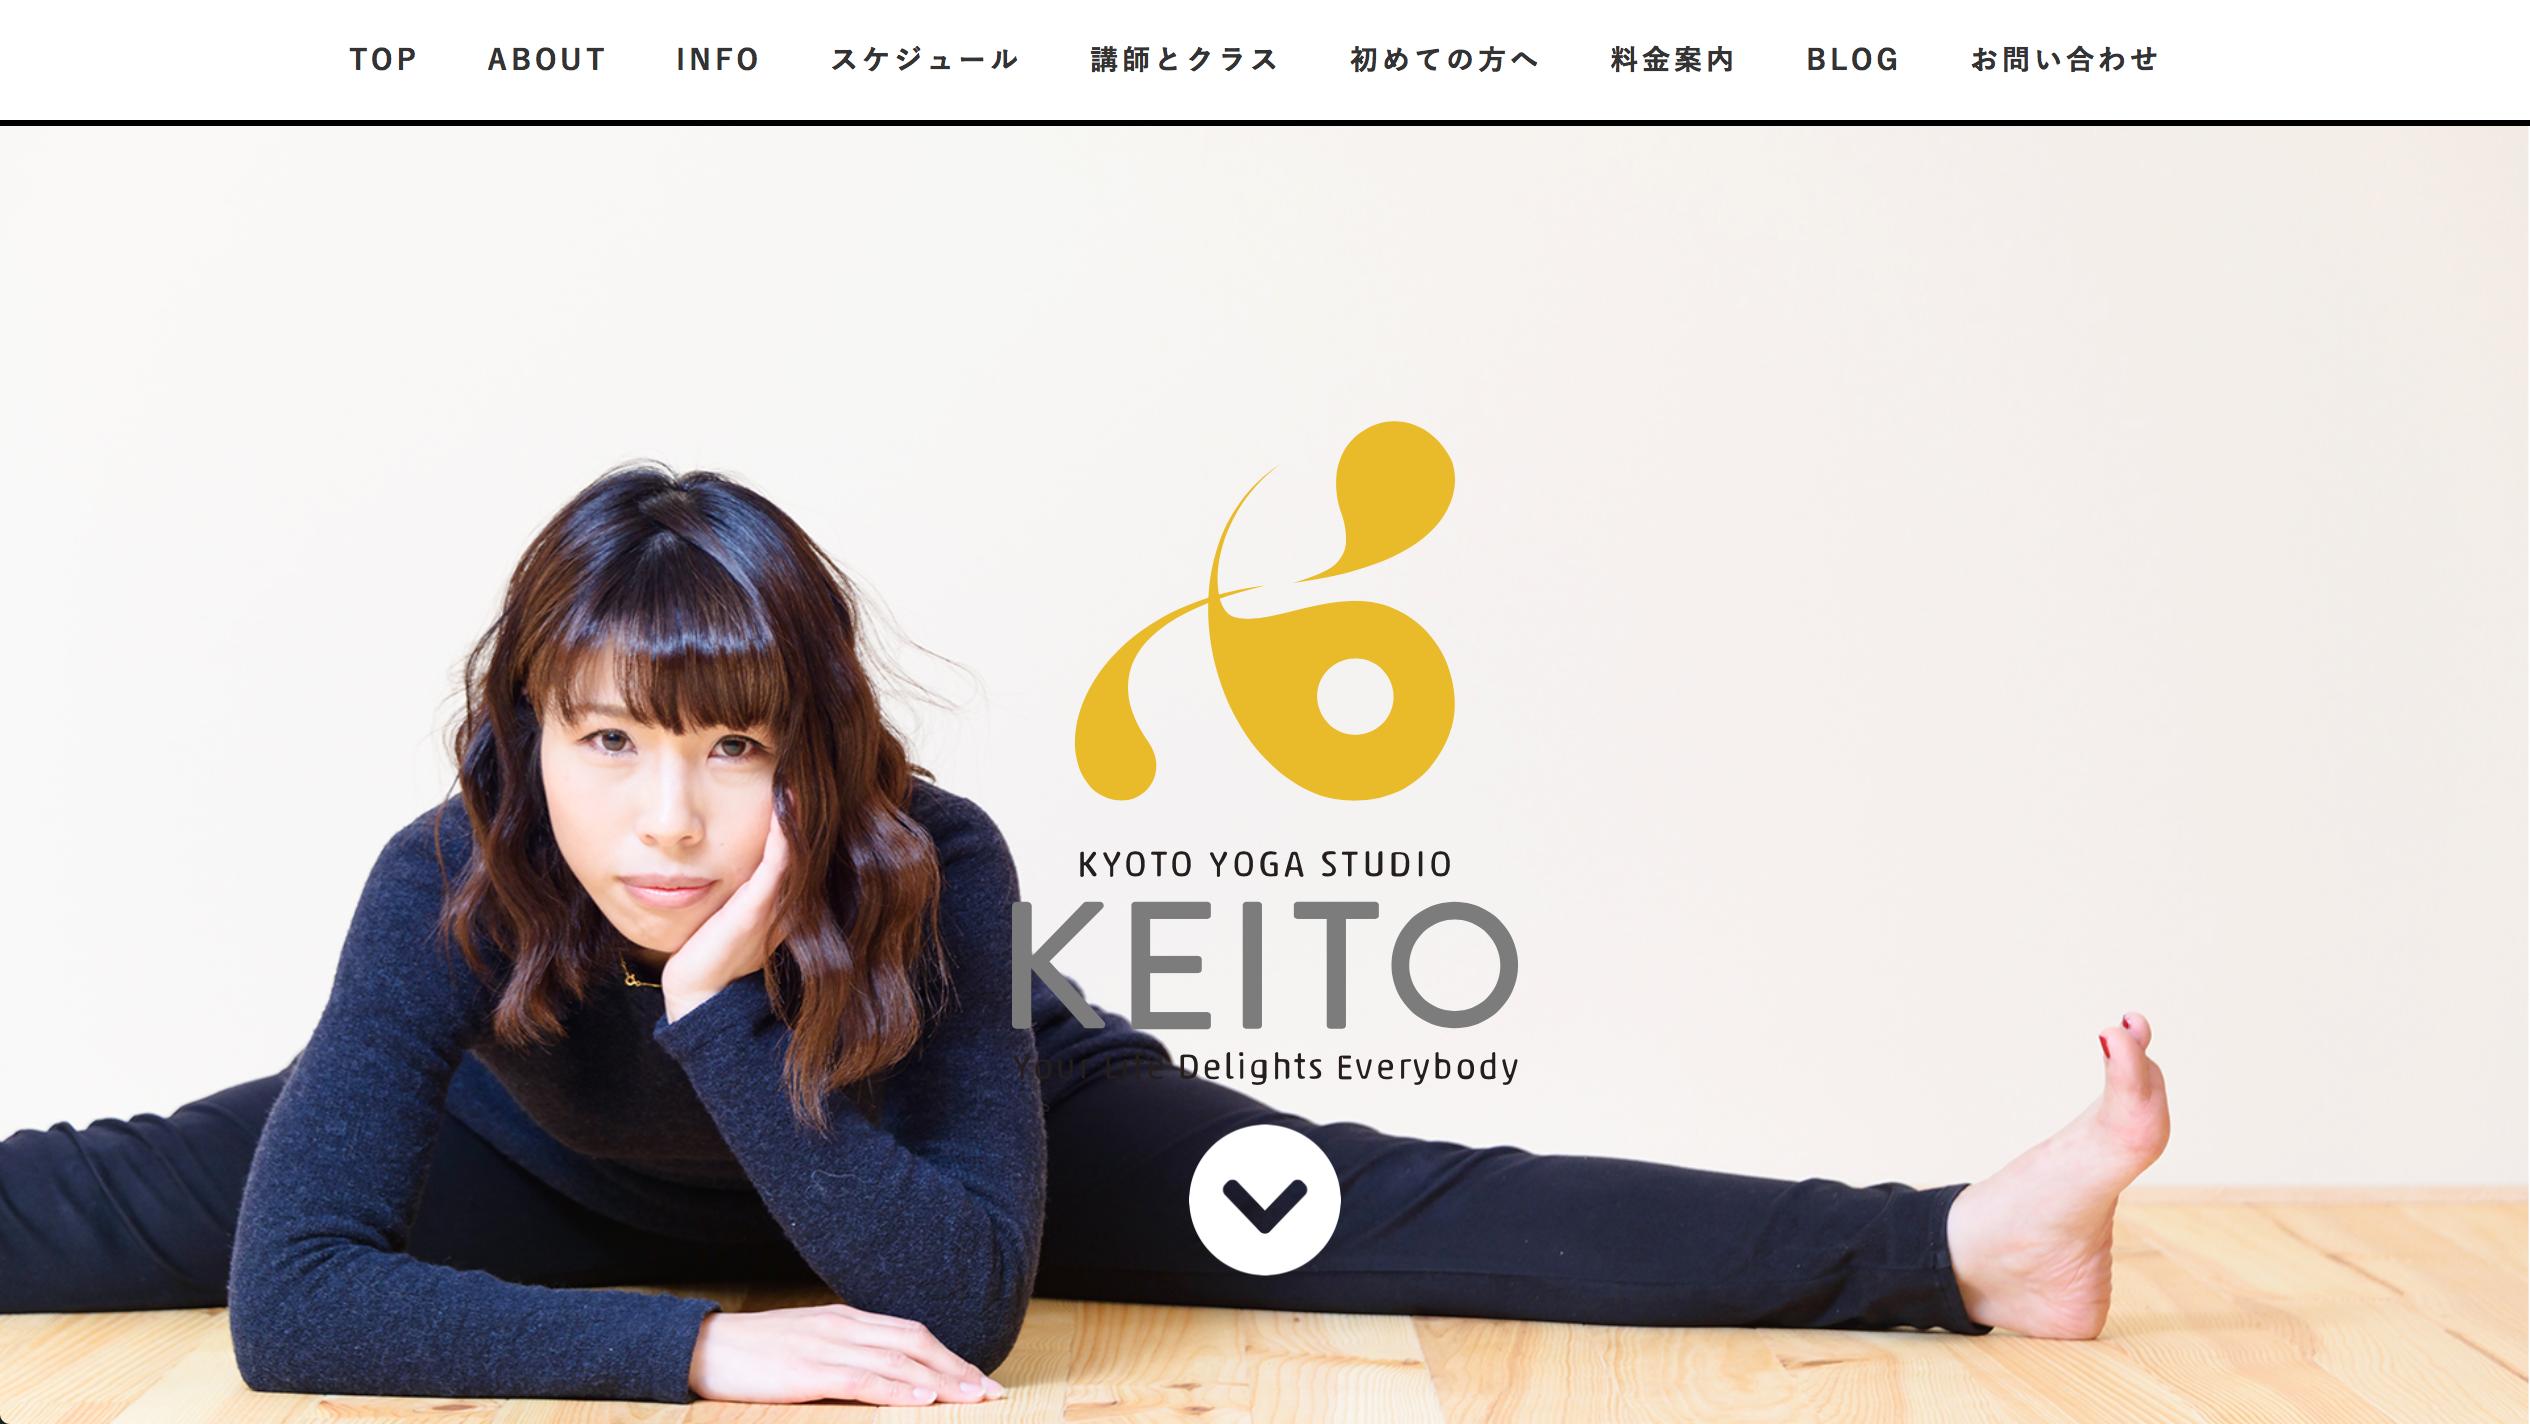 ライトハウスフォトのホームページ制作実績・京都烏丸御池のヨガスタジオケイトのホームページ画像1